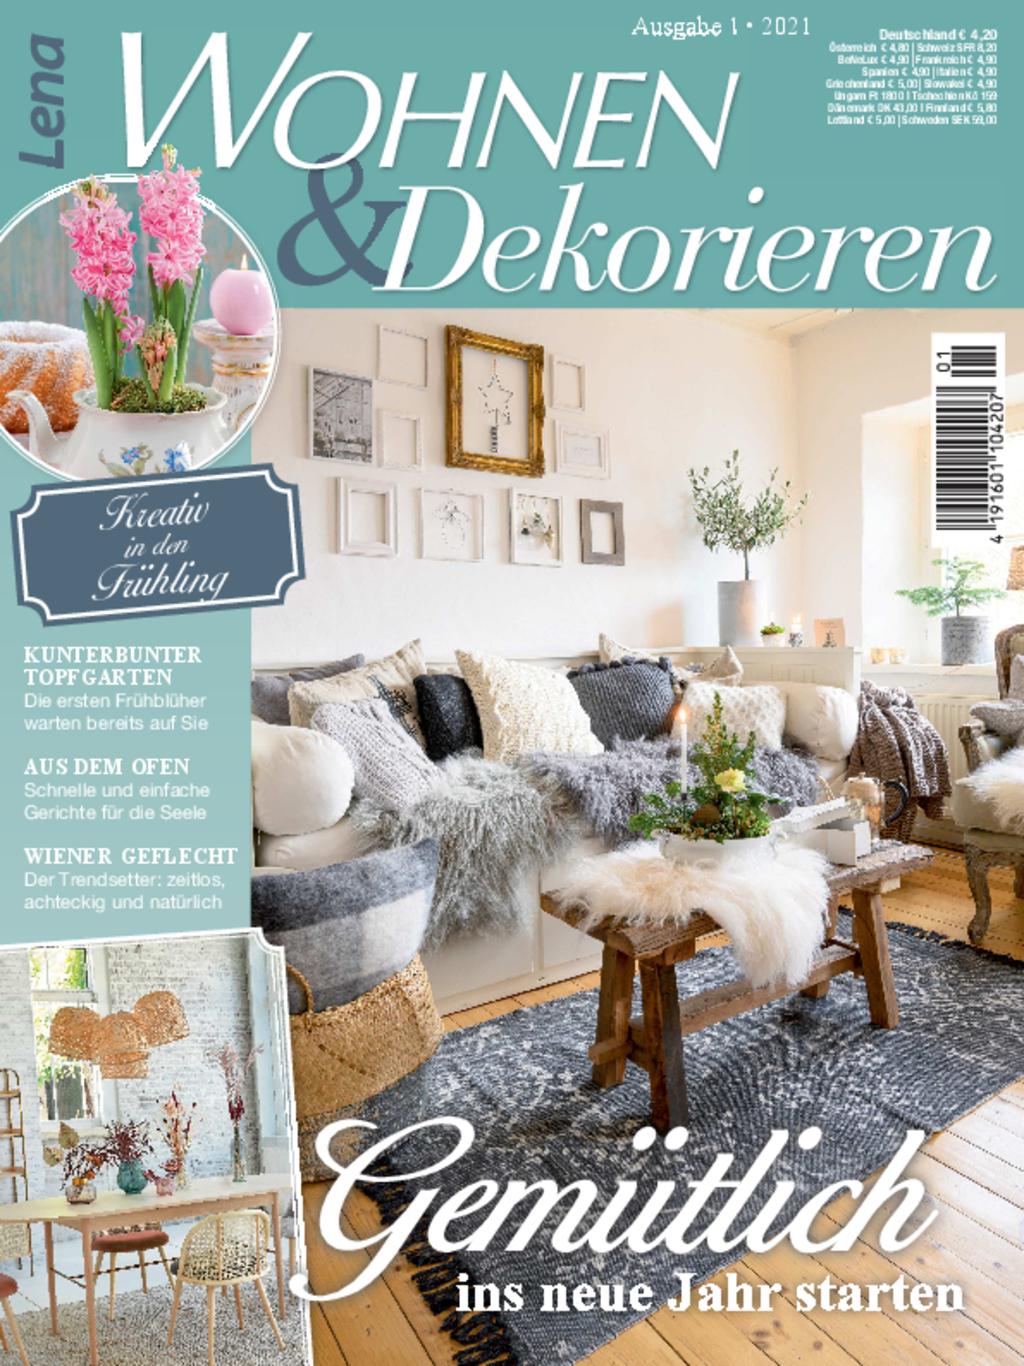 Lena Wohnen & Dekorieren Nr. 1/2021 - Gemütlich ins neue Jahr